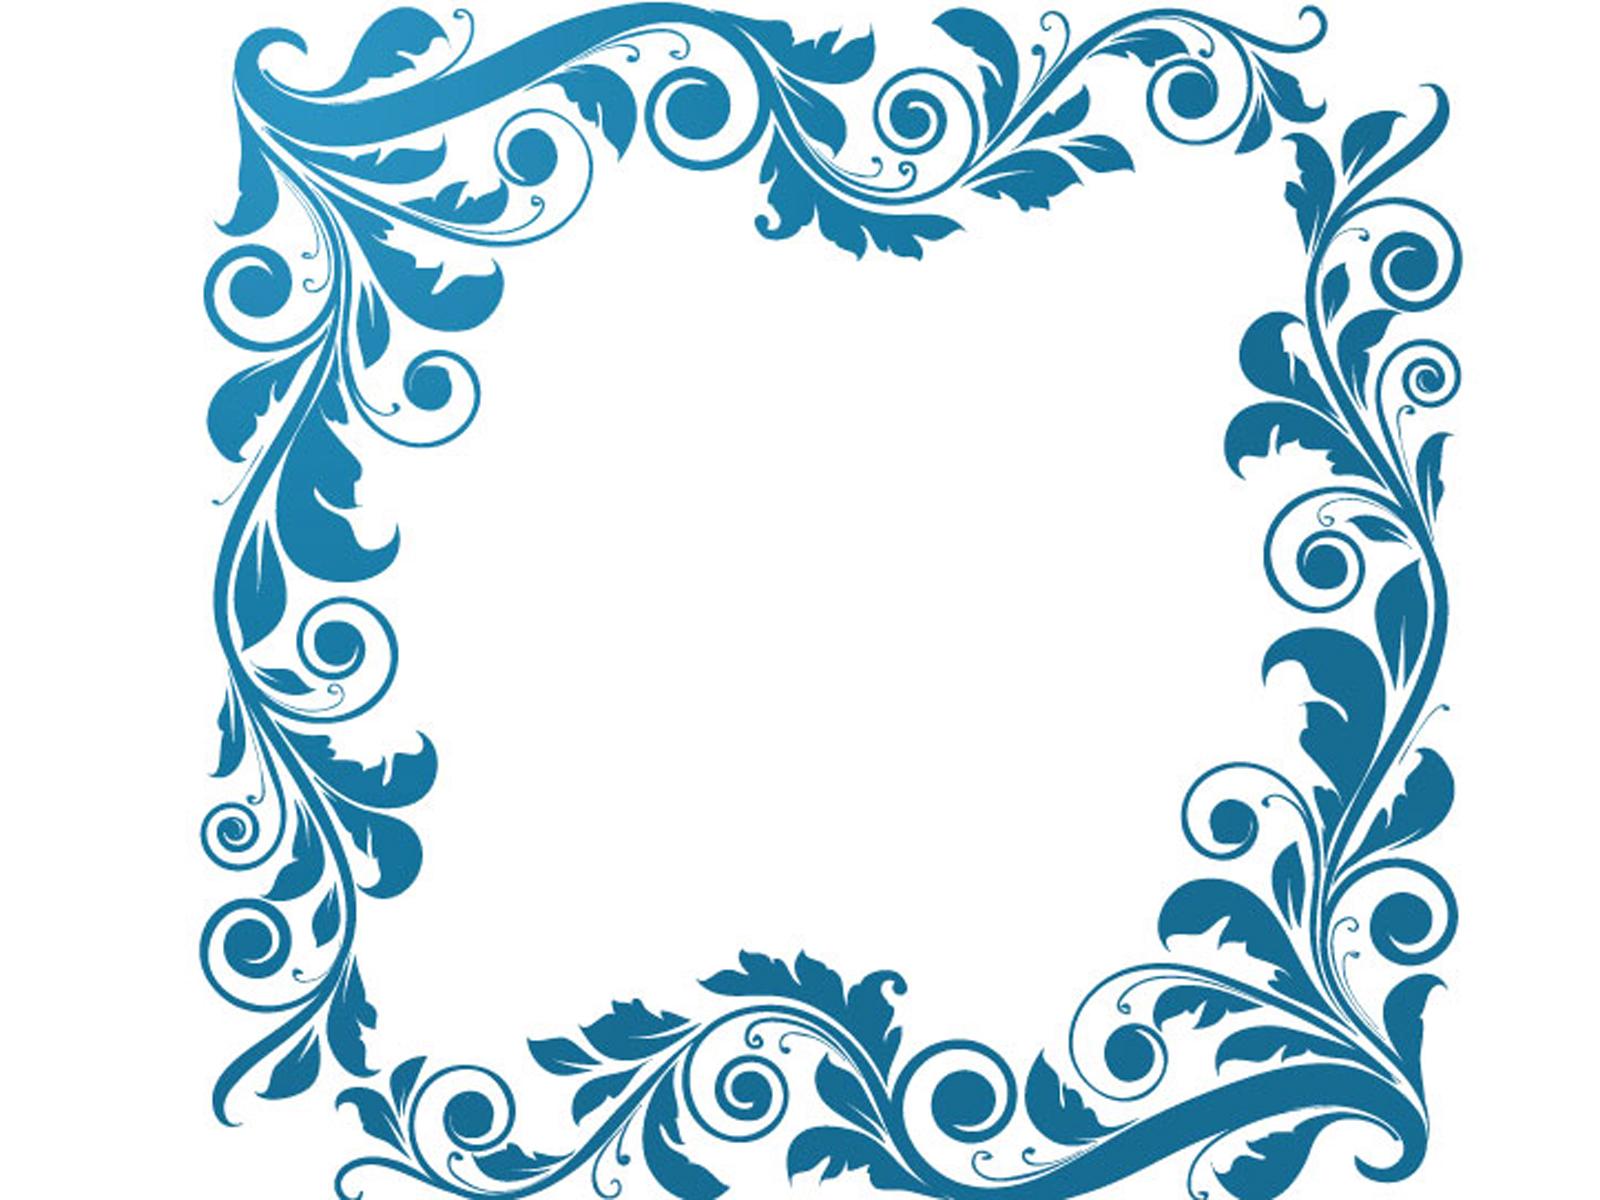 Lattice Design Free Svg